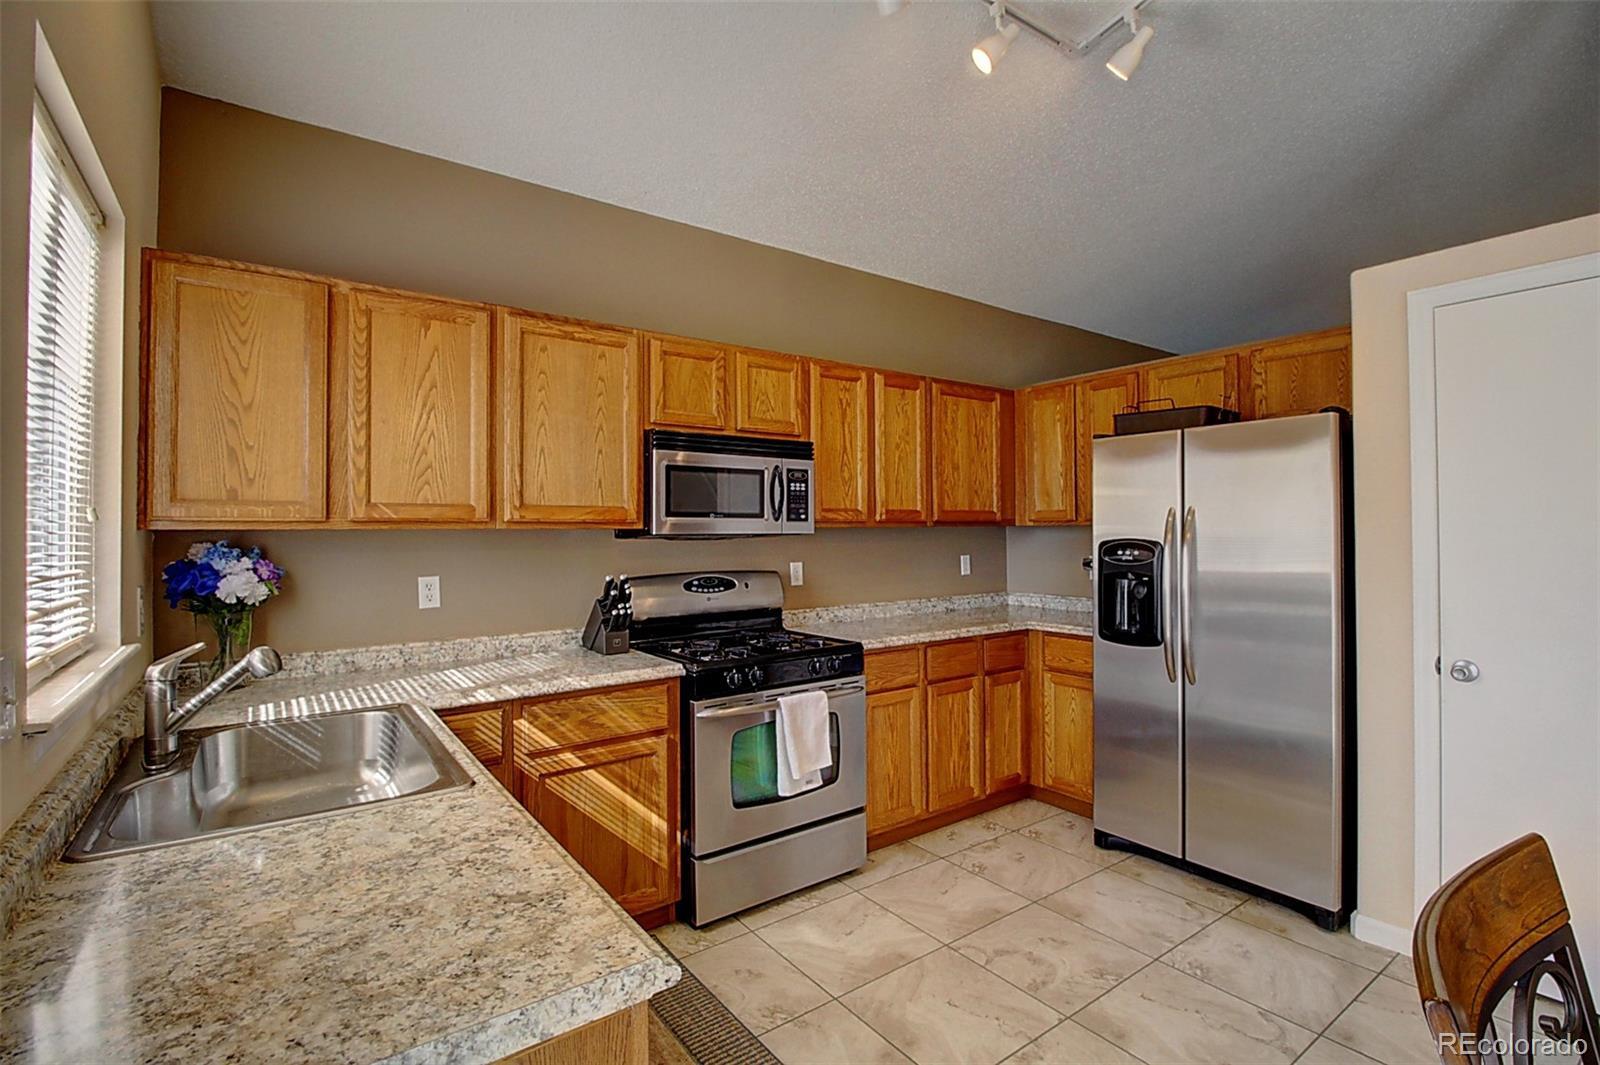 MLS# 8403615 - 9 - 3505 Larkspur Drive, Longmont, CO 80503